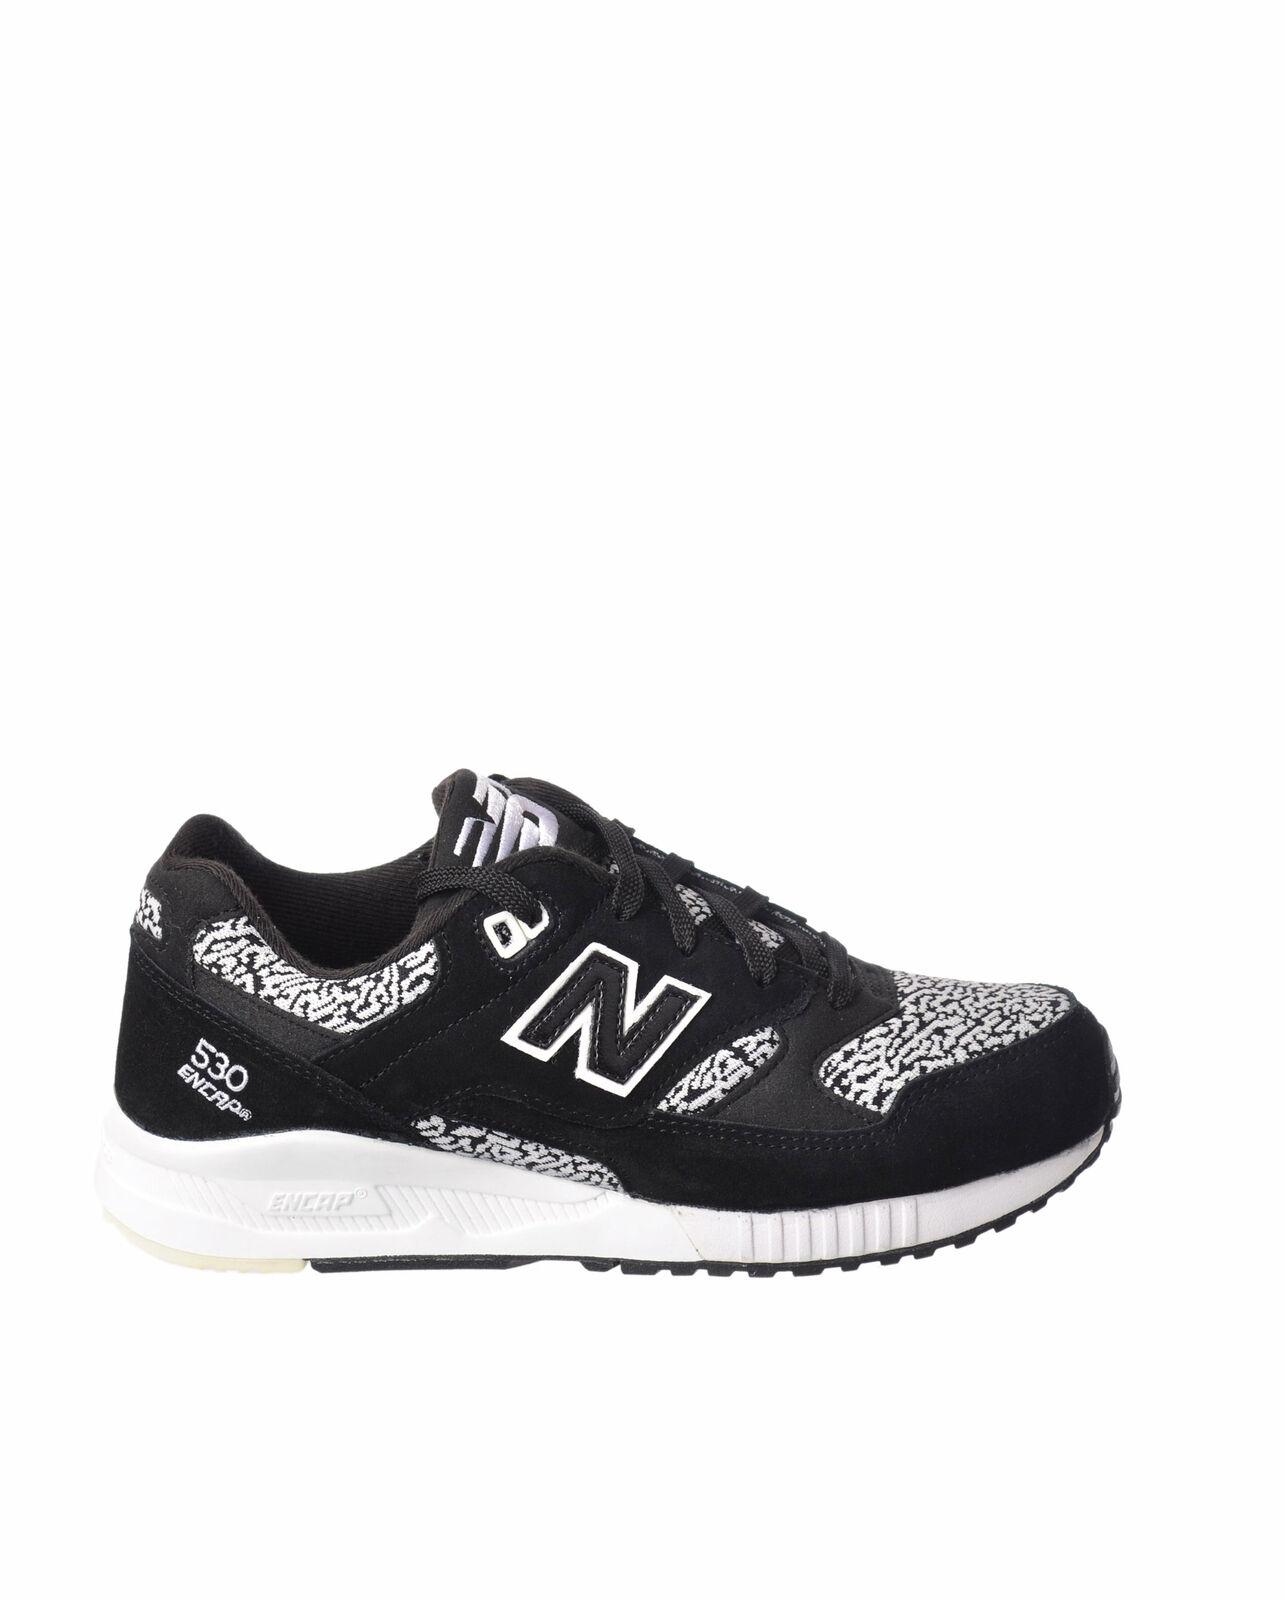 New Balance-Zapatos-con cordones-Mujer-Negro - - - 2574115G184602  connotación de lujo discreta